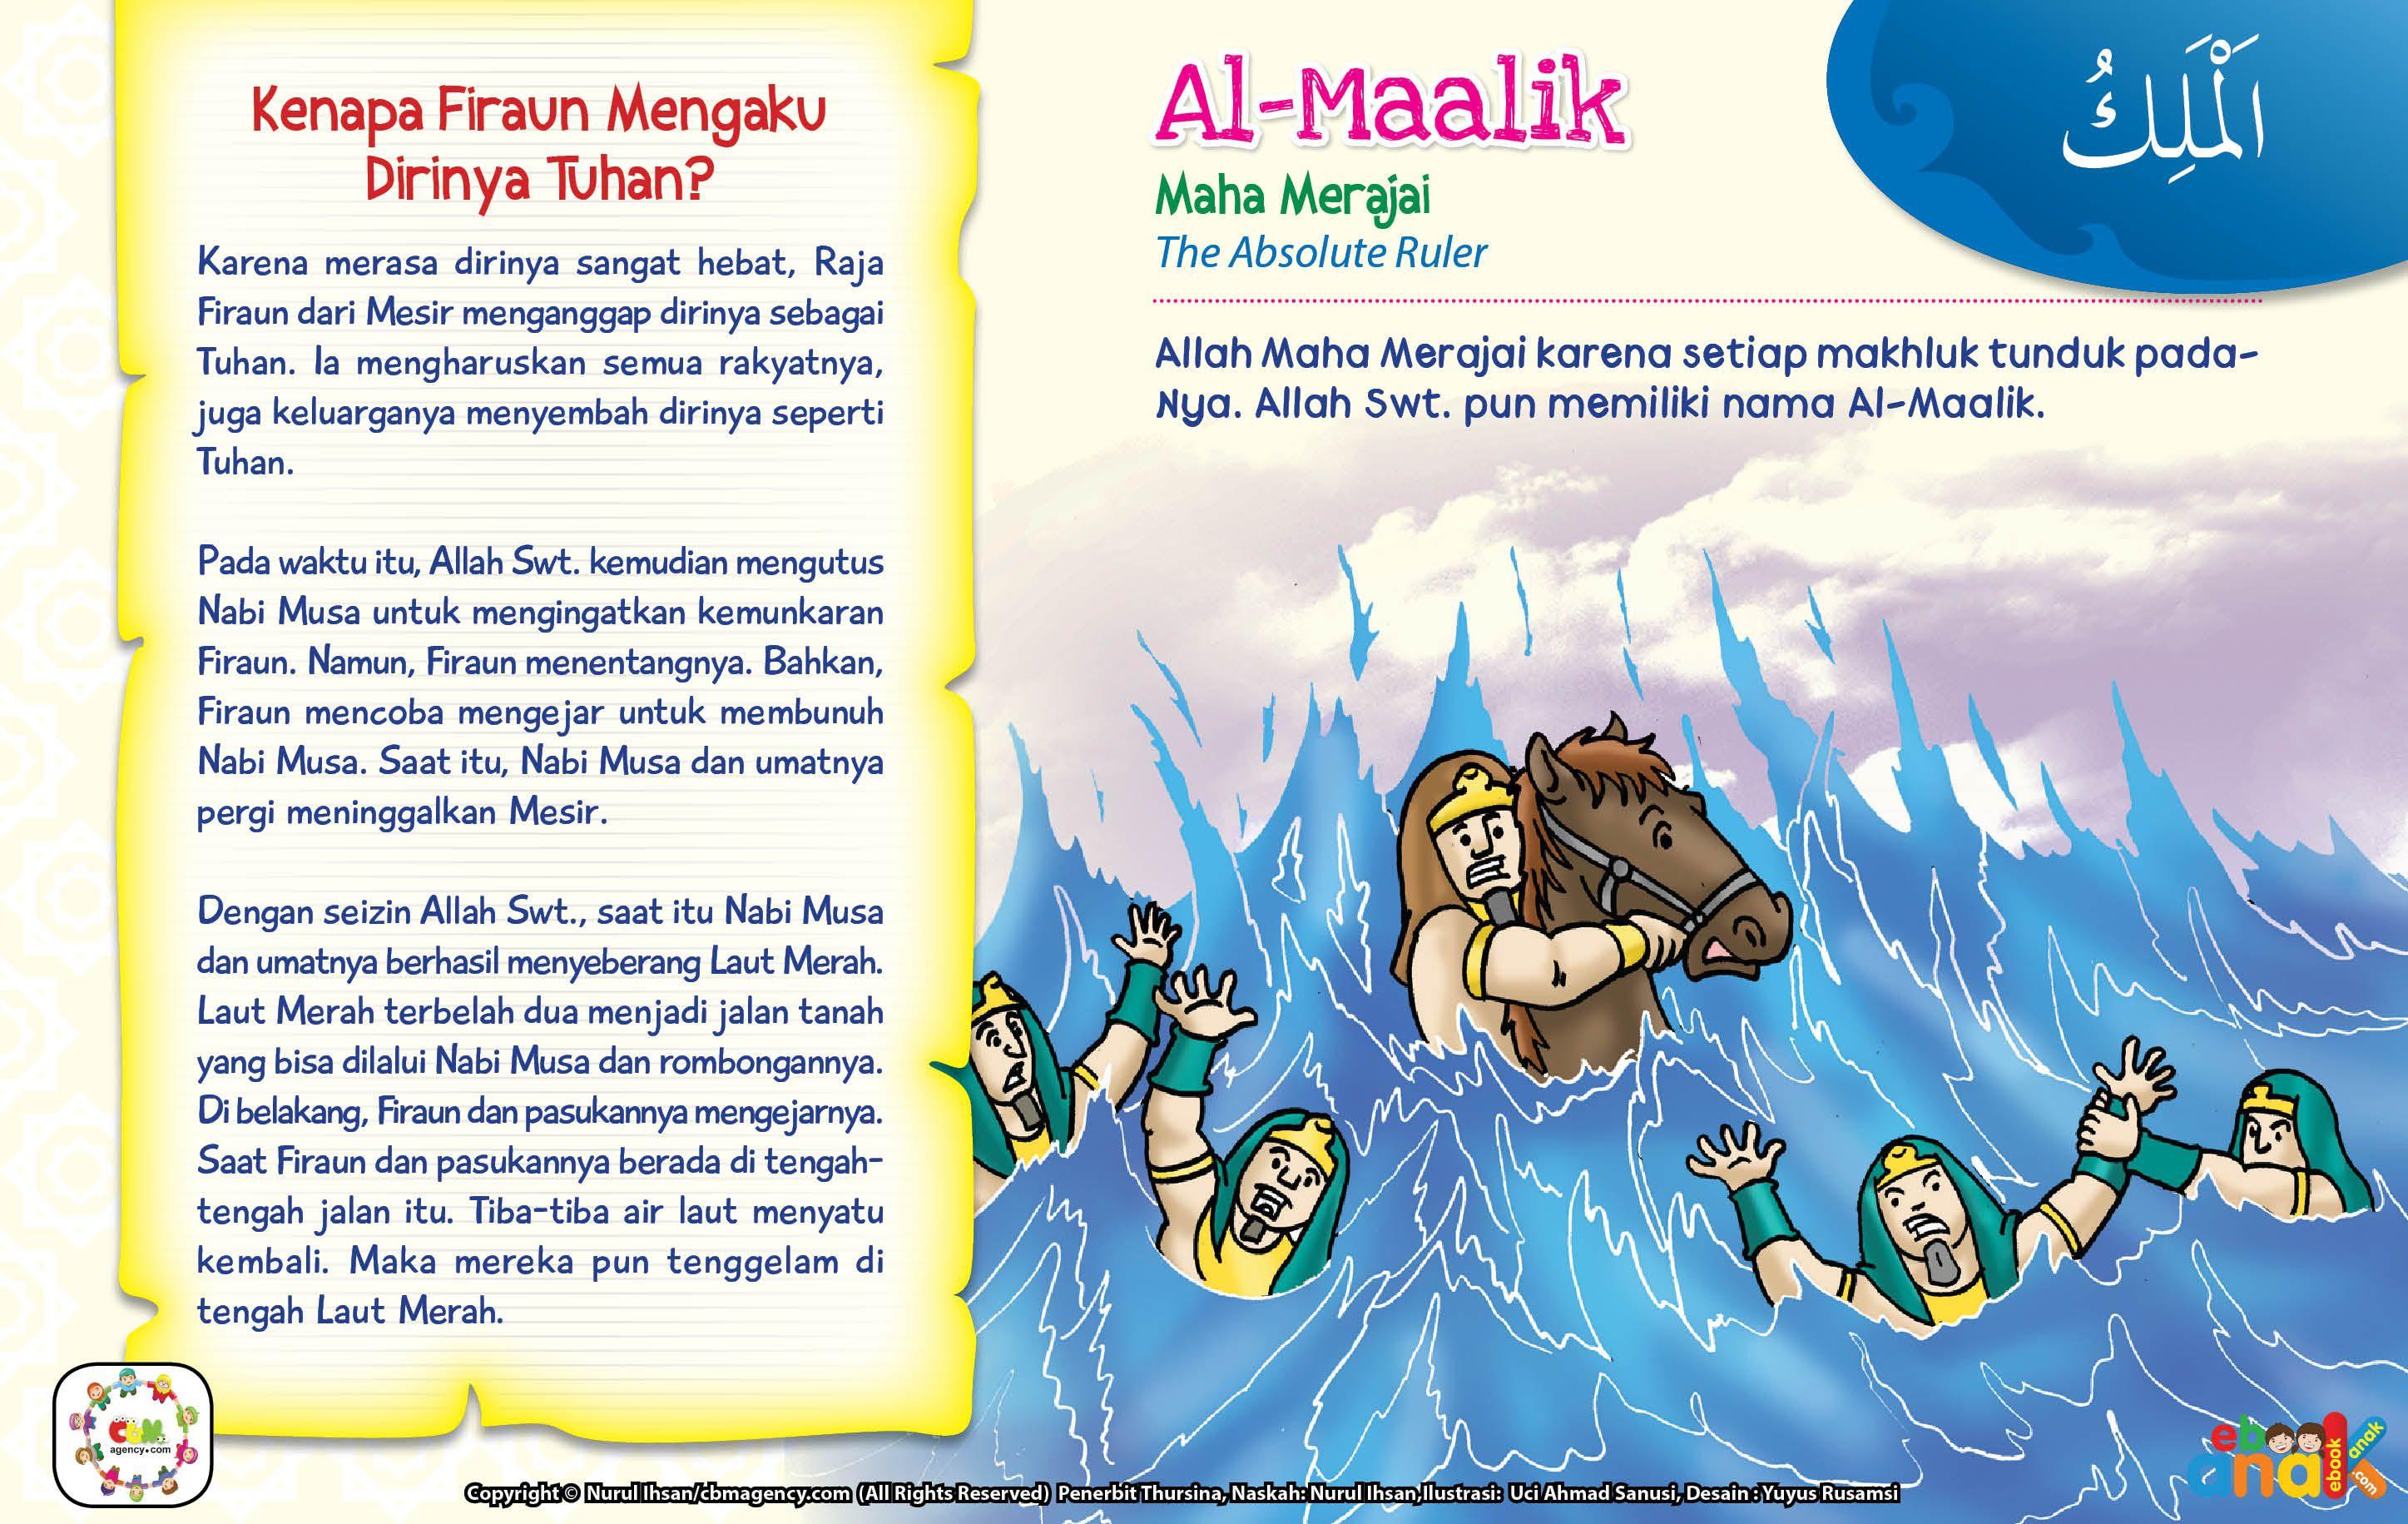 AlMaalik Maha Merajai (The Absolute Ruler)Allah Maha